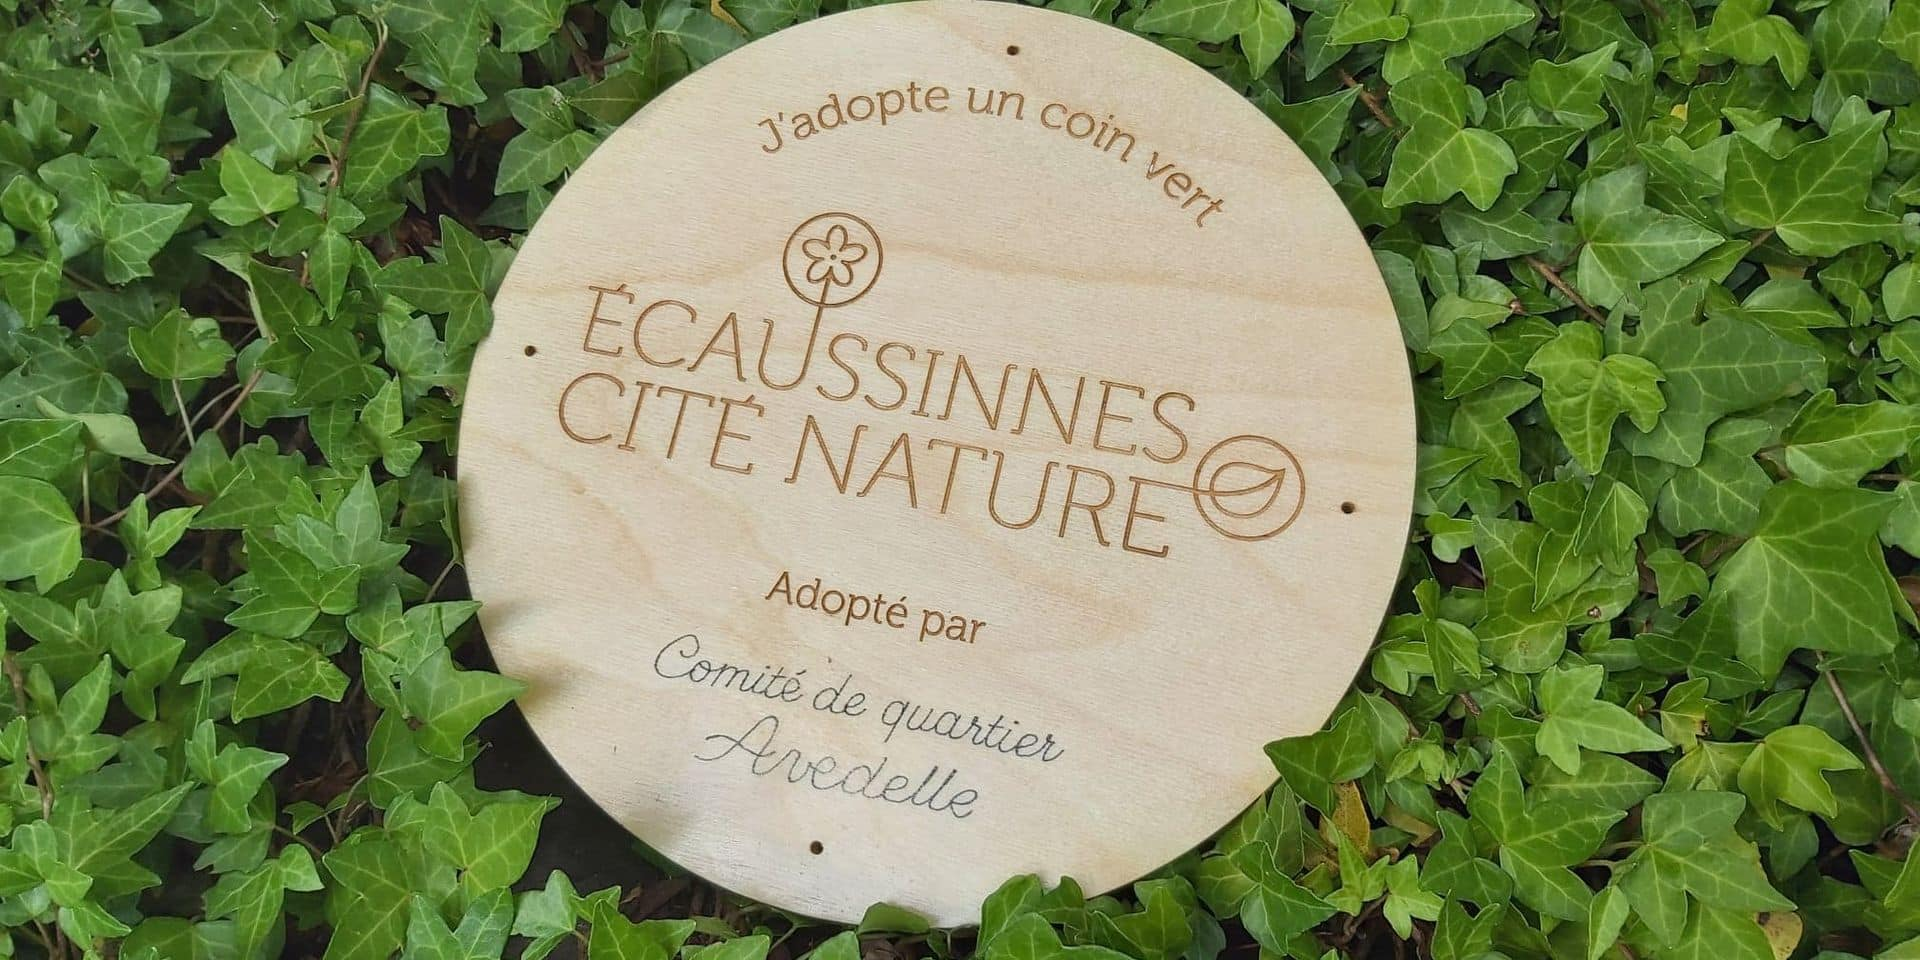 J'aime ma commune / Ecaussinnes : des espaces verts à adopter